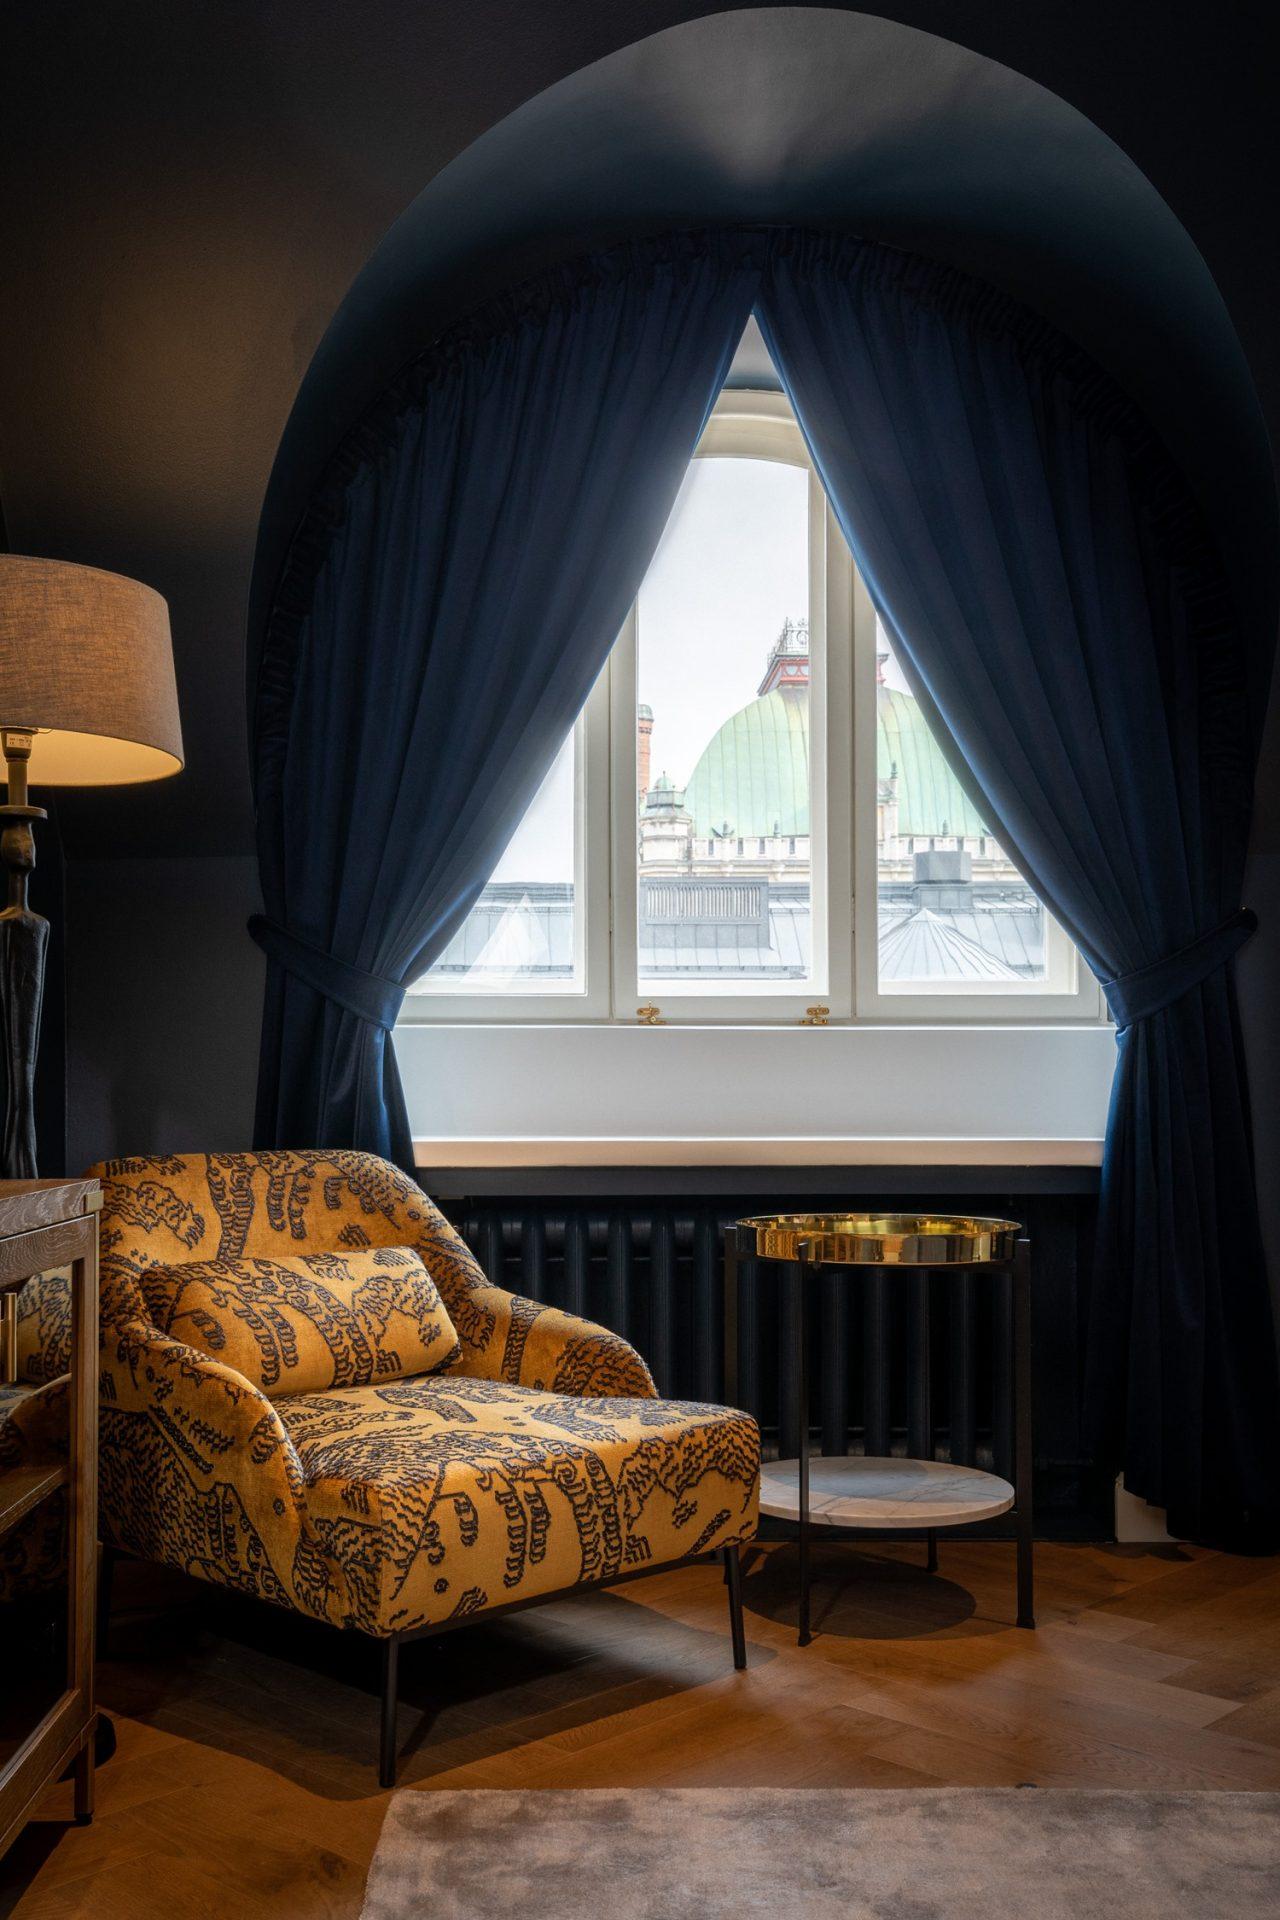 Grand-Central-Hotel_designalive-14